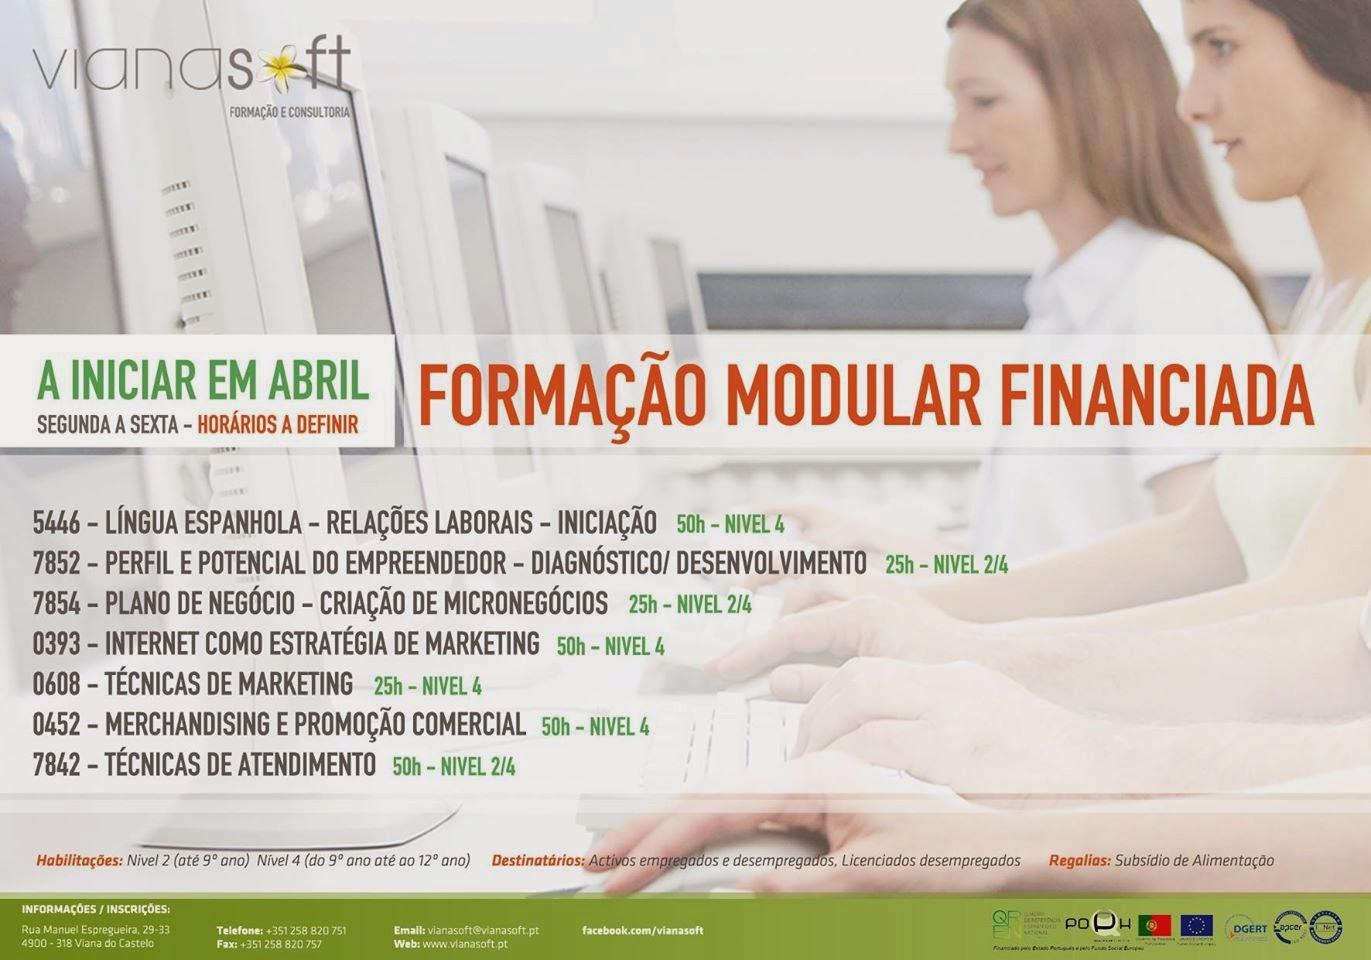 cursos gratis em Viana do Castelo